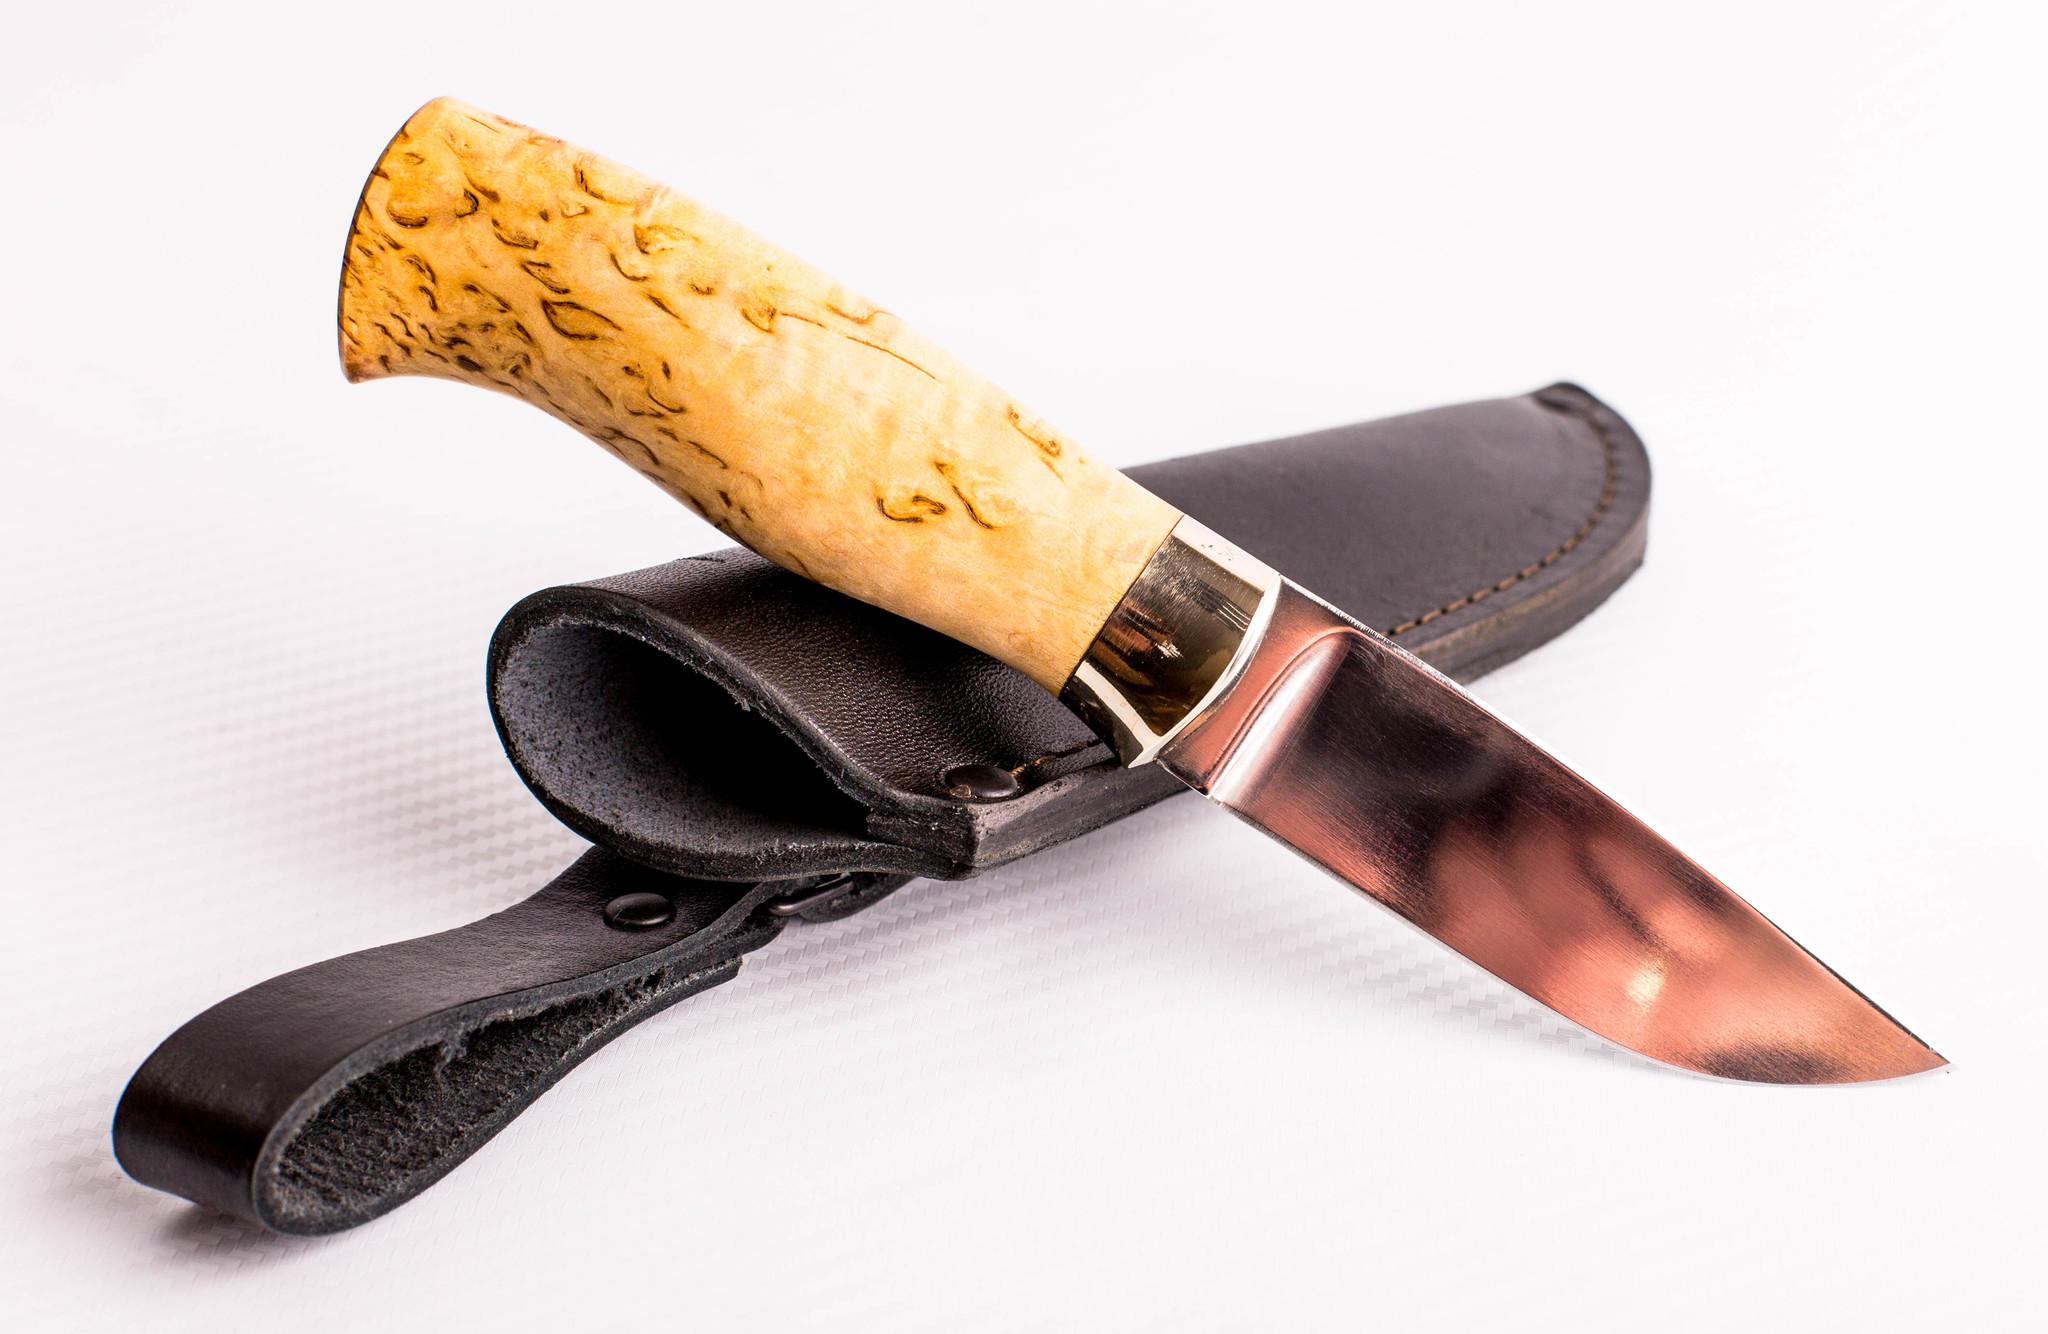 Фото 6 - Нож МТ-66, сталь 95x18, карельская береза